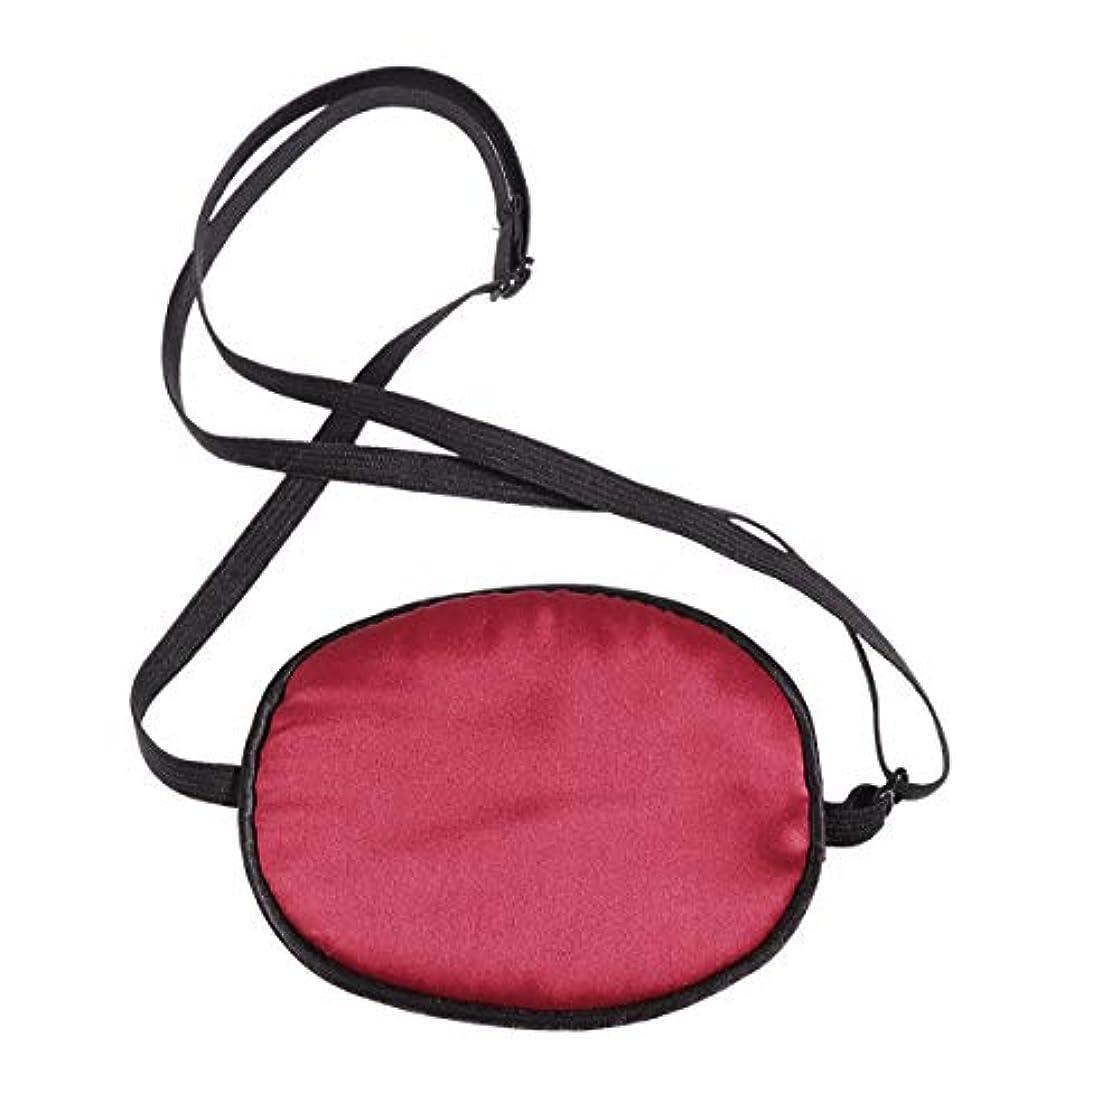 売る投資ラベンダーHEALIFTY 睡眠の目隠し調節可能な絹の海賊目のパッチ子供の弱視のためのソフトで快適な単一の目のマスク正面の怠惰な目